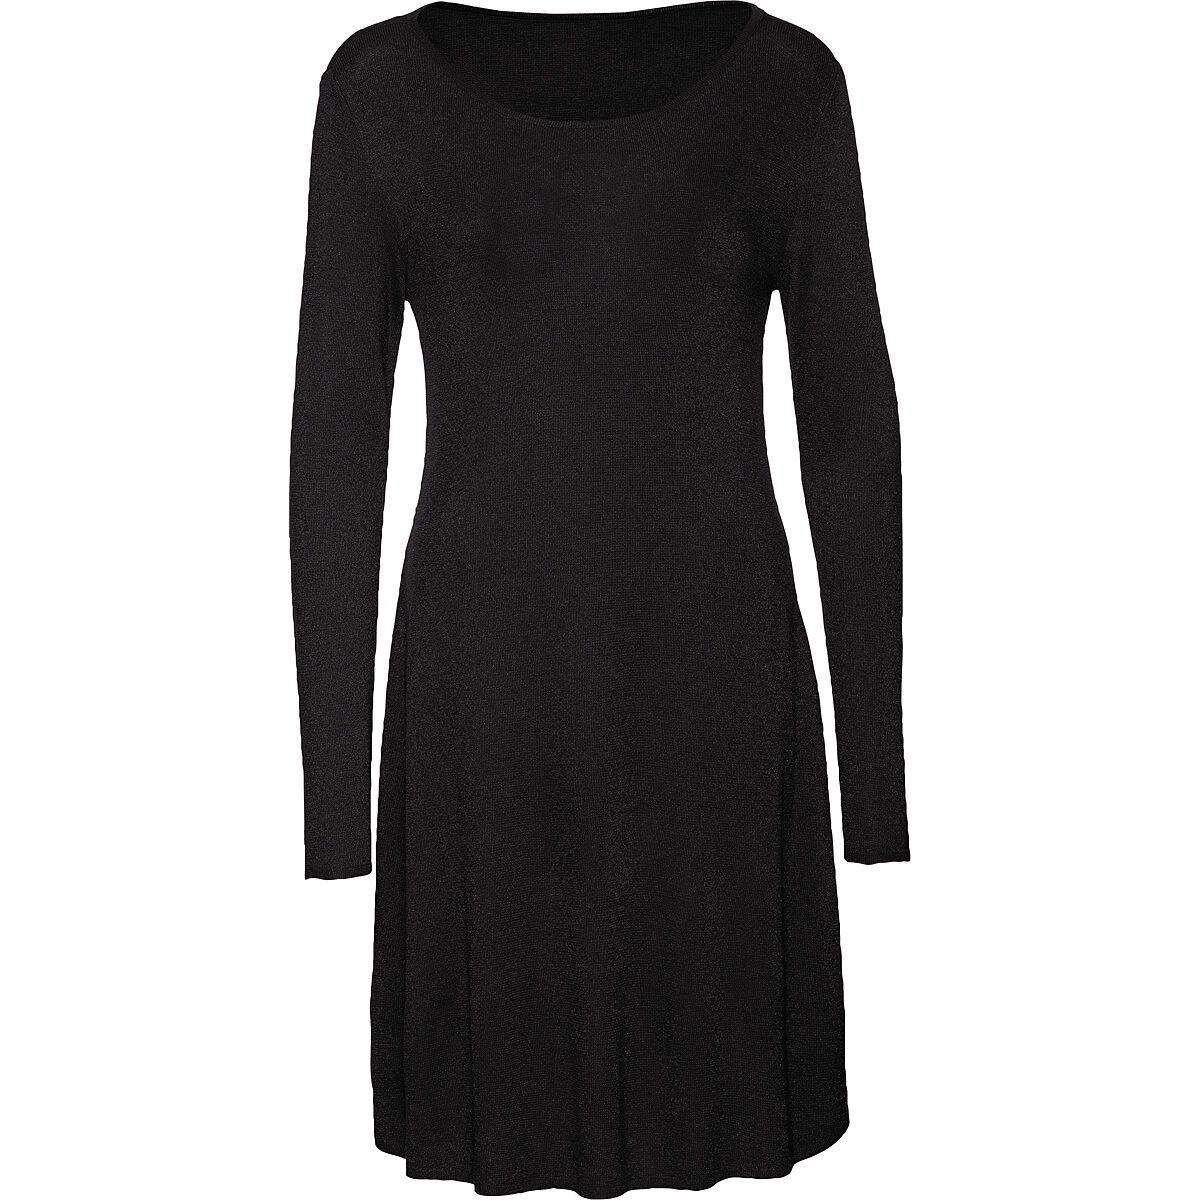 Damen Kleid Schwarz in 14  Kleider damen, Kleider, Modestil